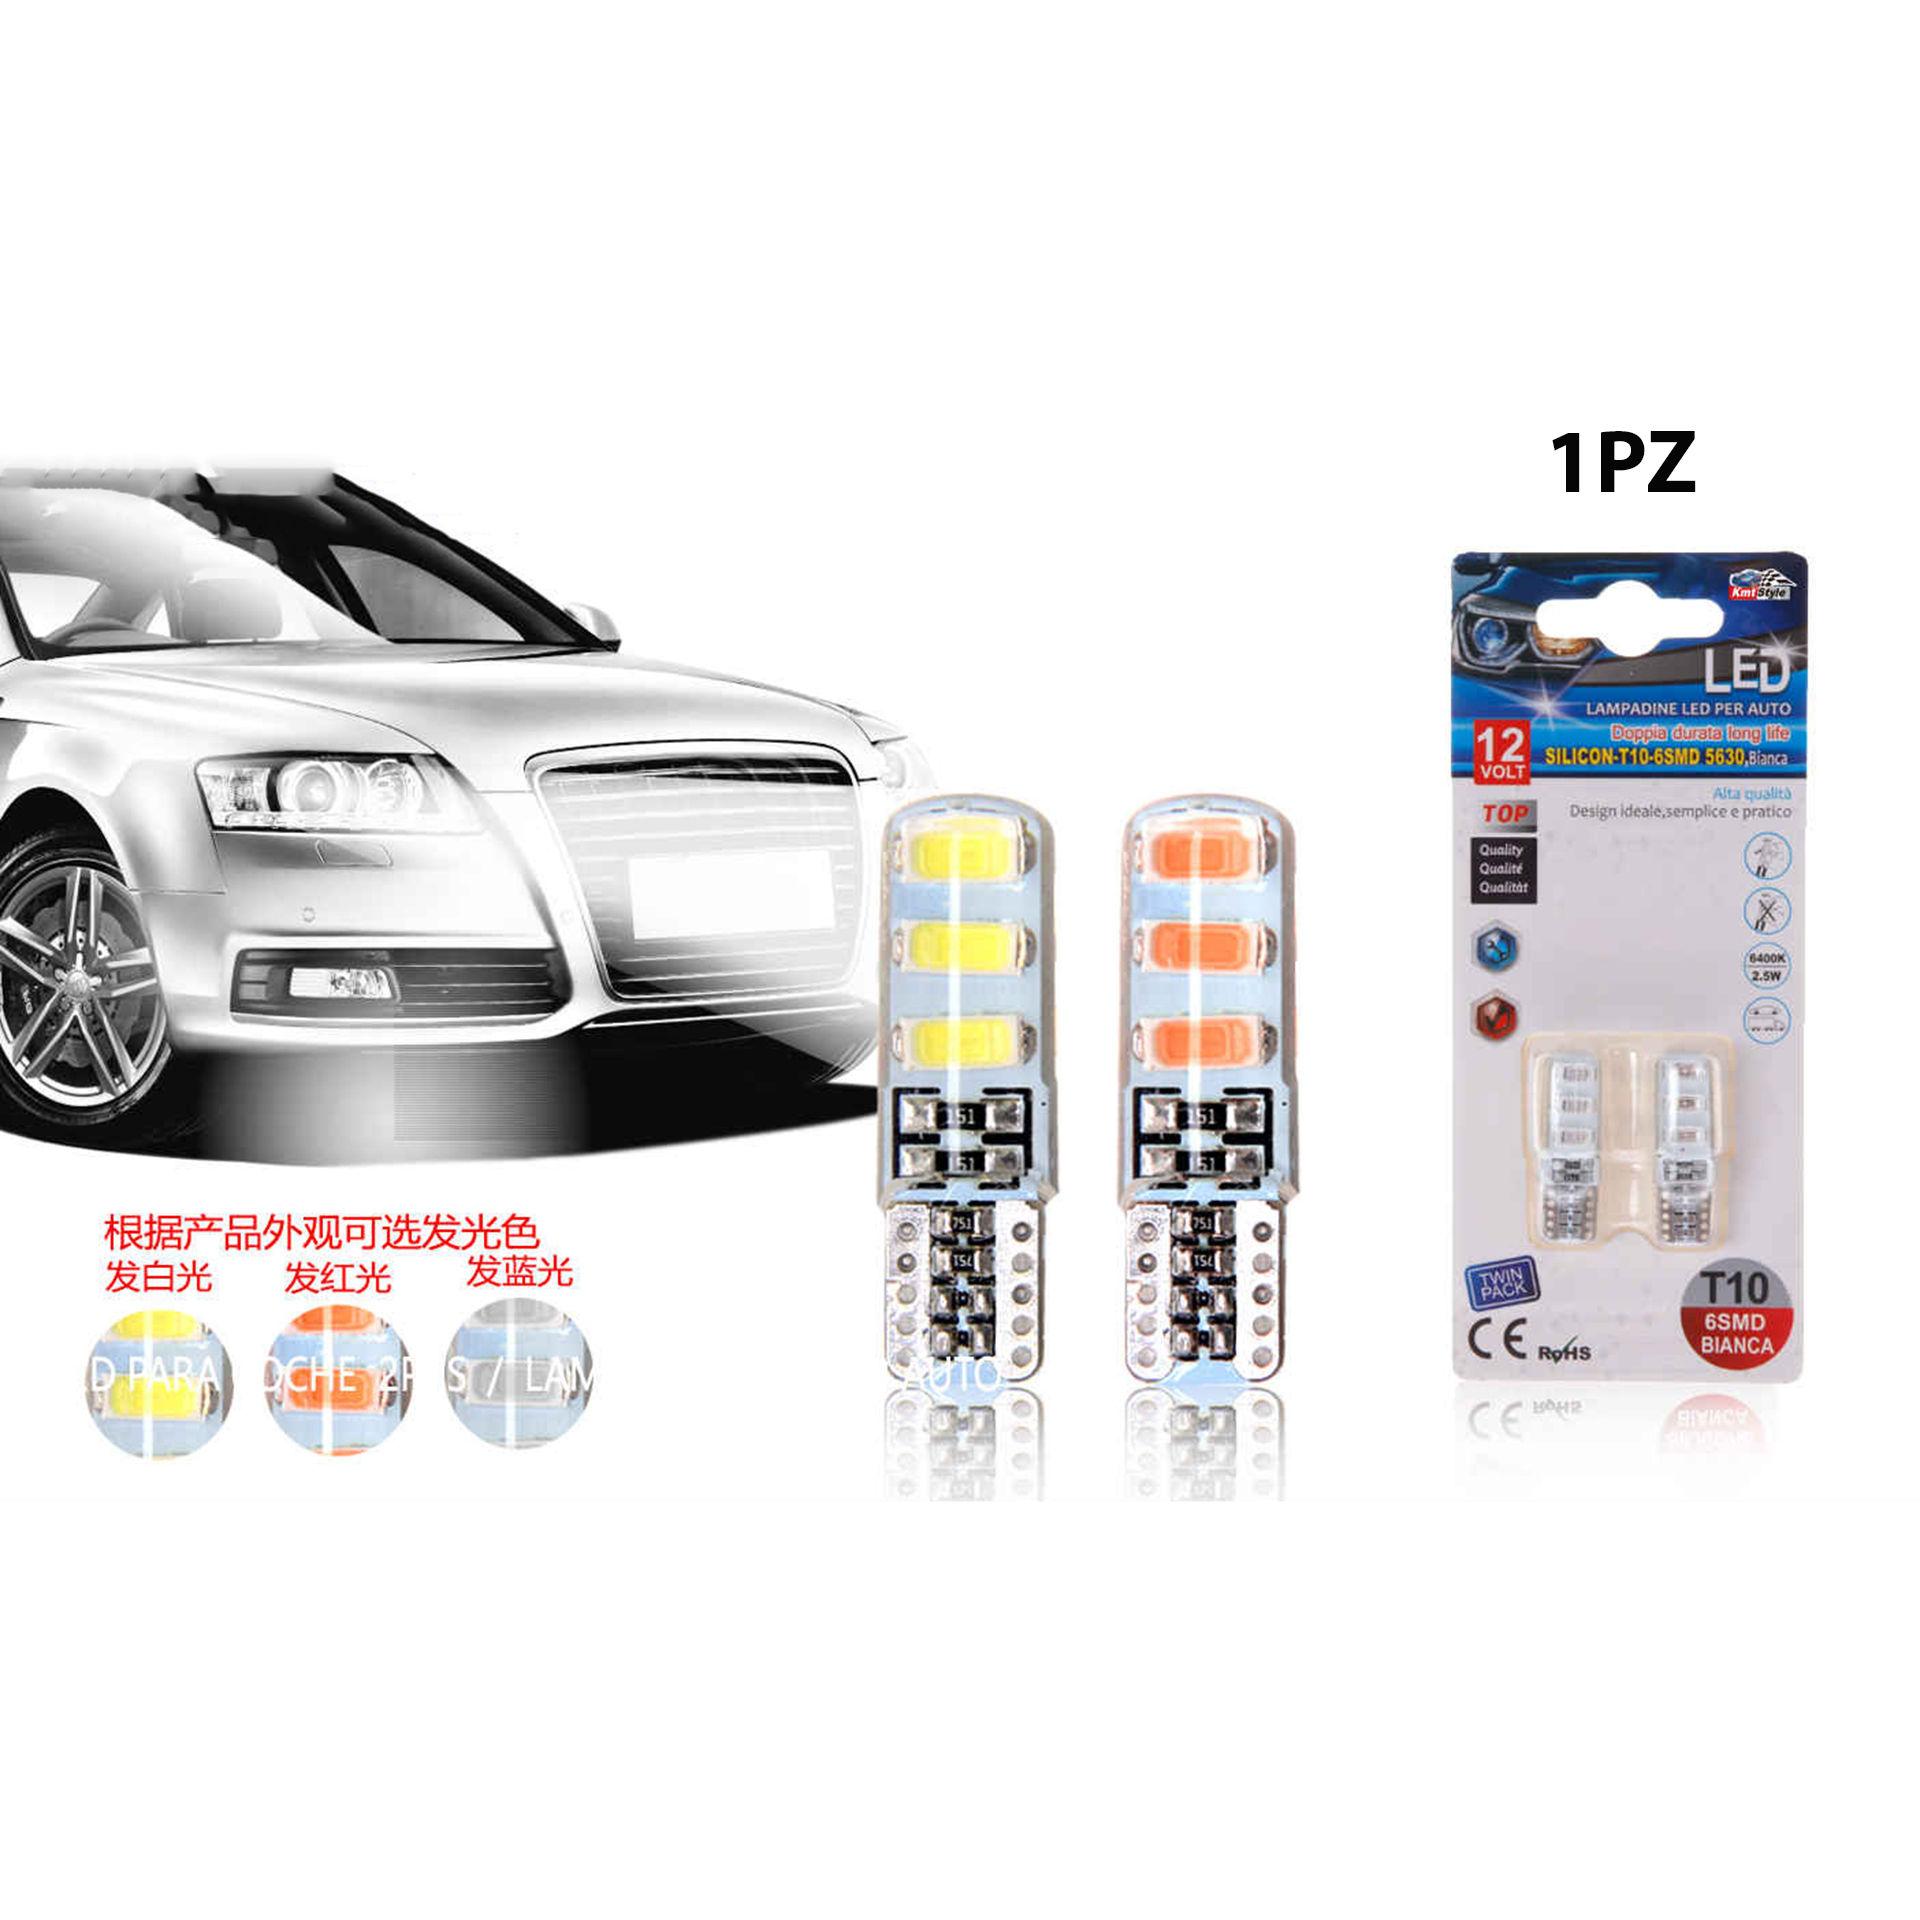 LAMPADINE LED PER AUTO 2PCSEmi Style